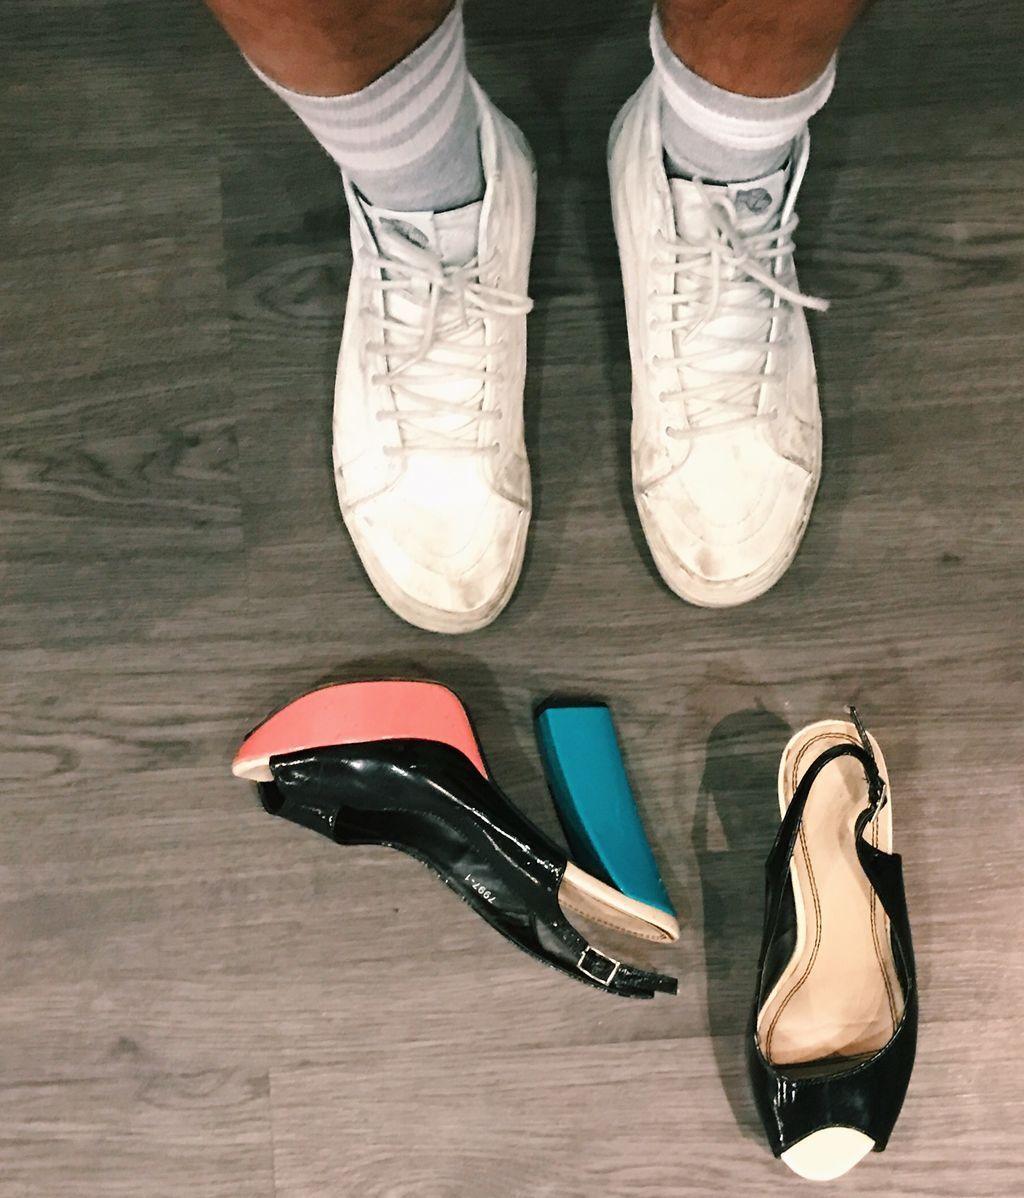 Los zapatos que me provocaron un tirón